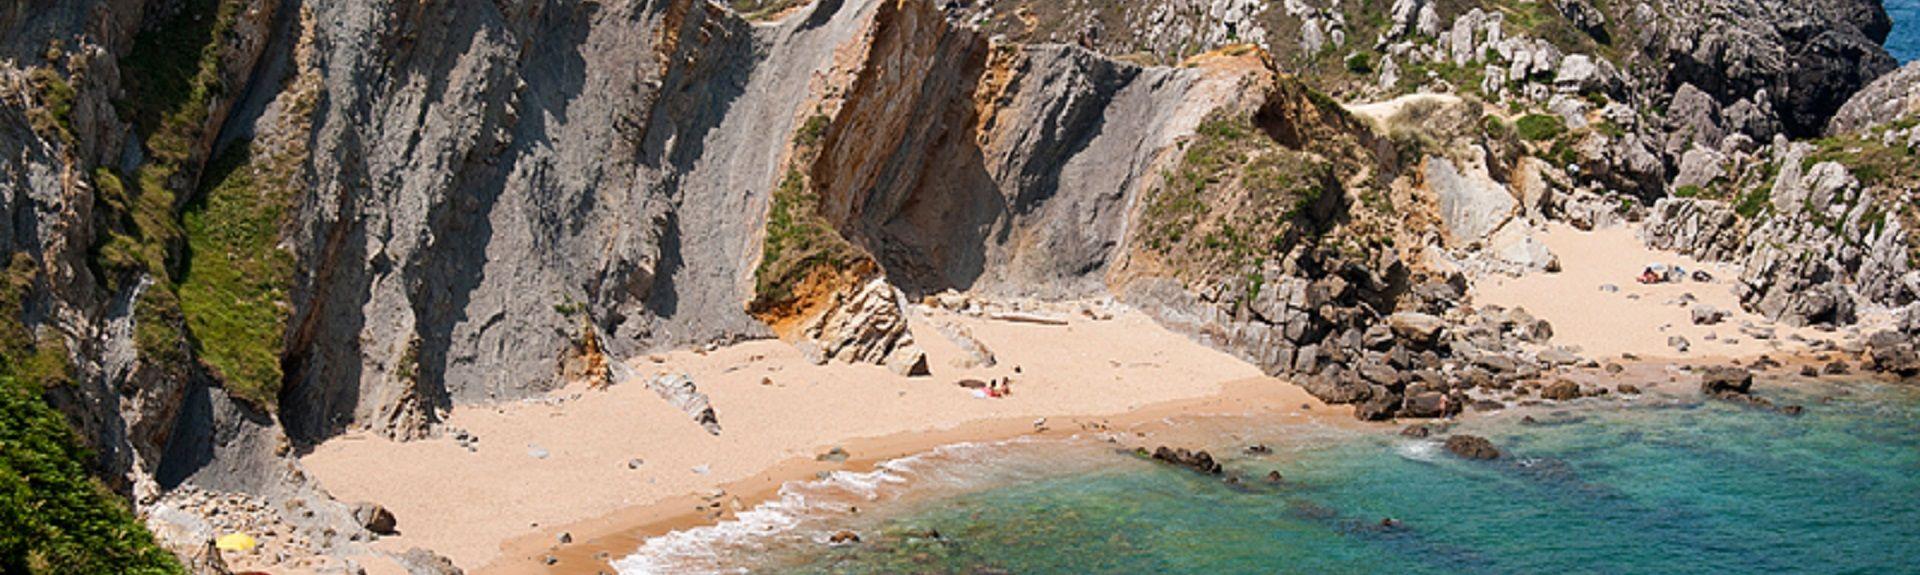 Piélagos, Cantábria, Espanha